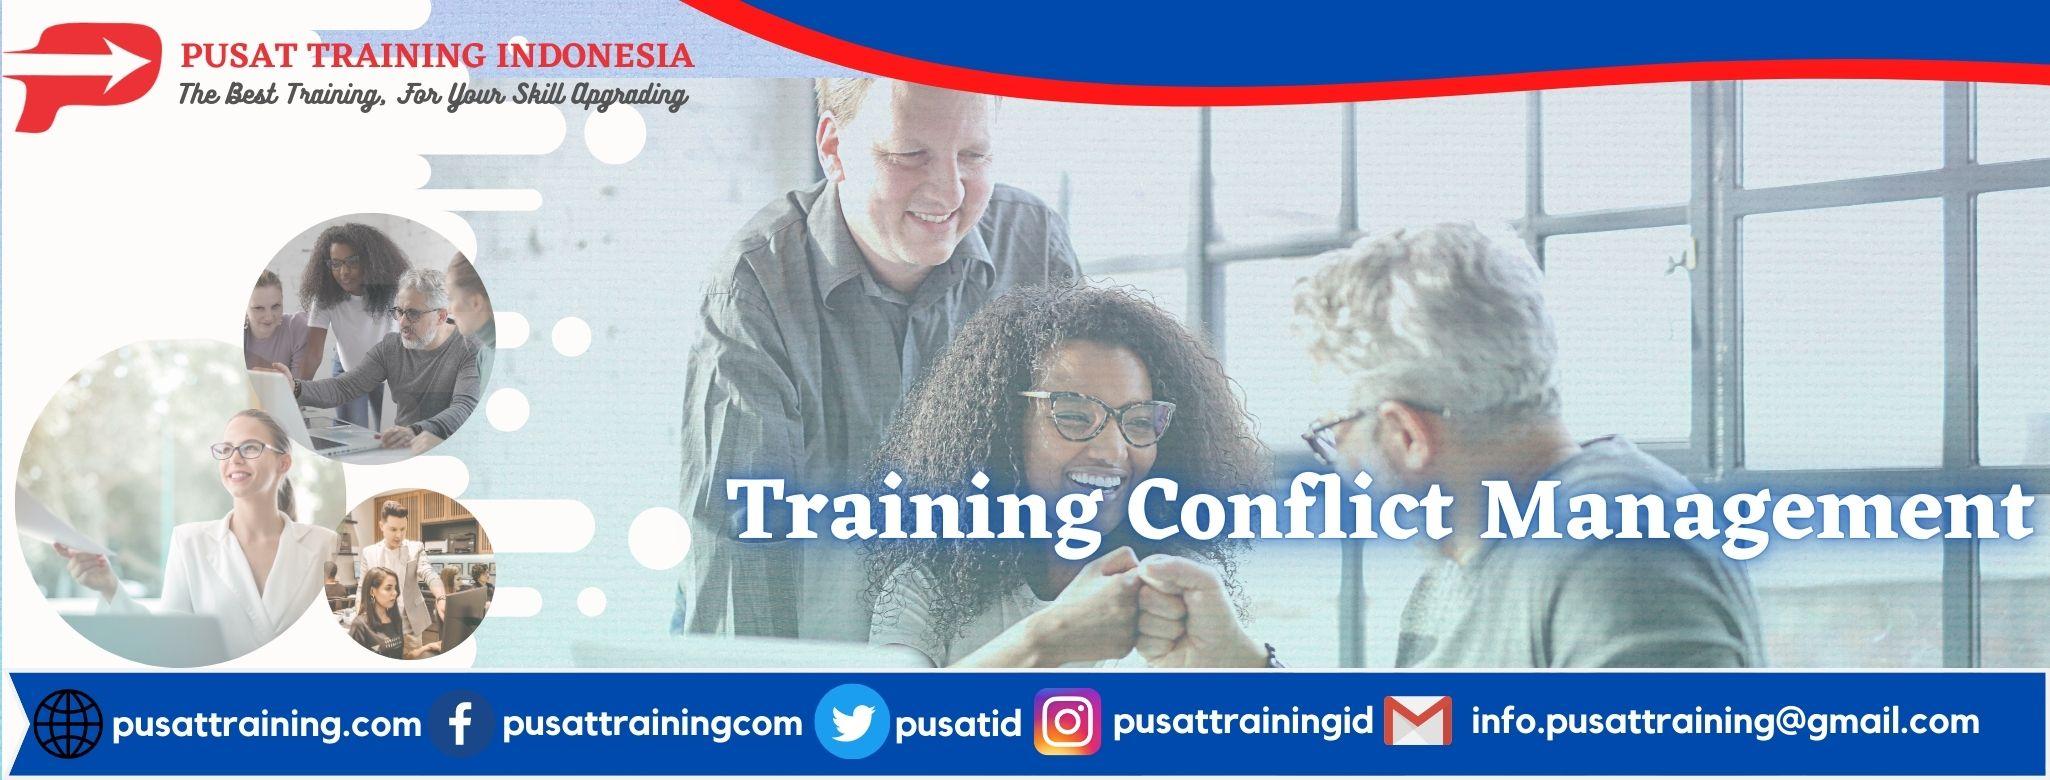 Training-Conflict-Management.